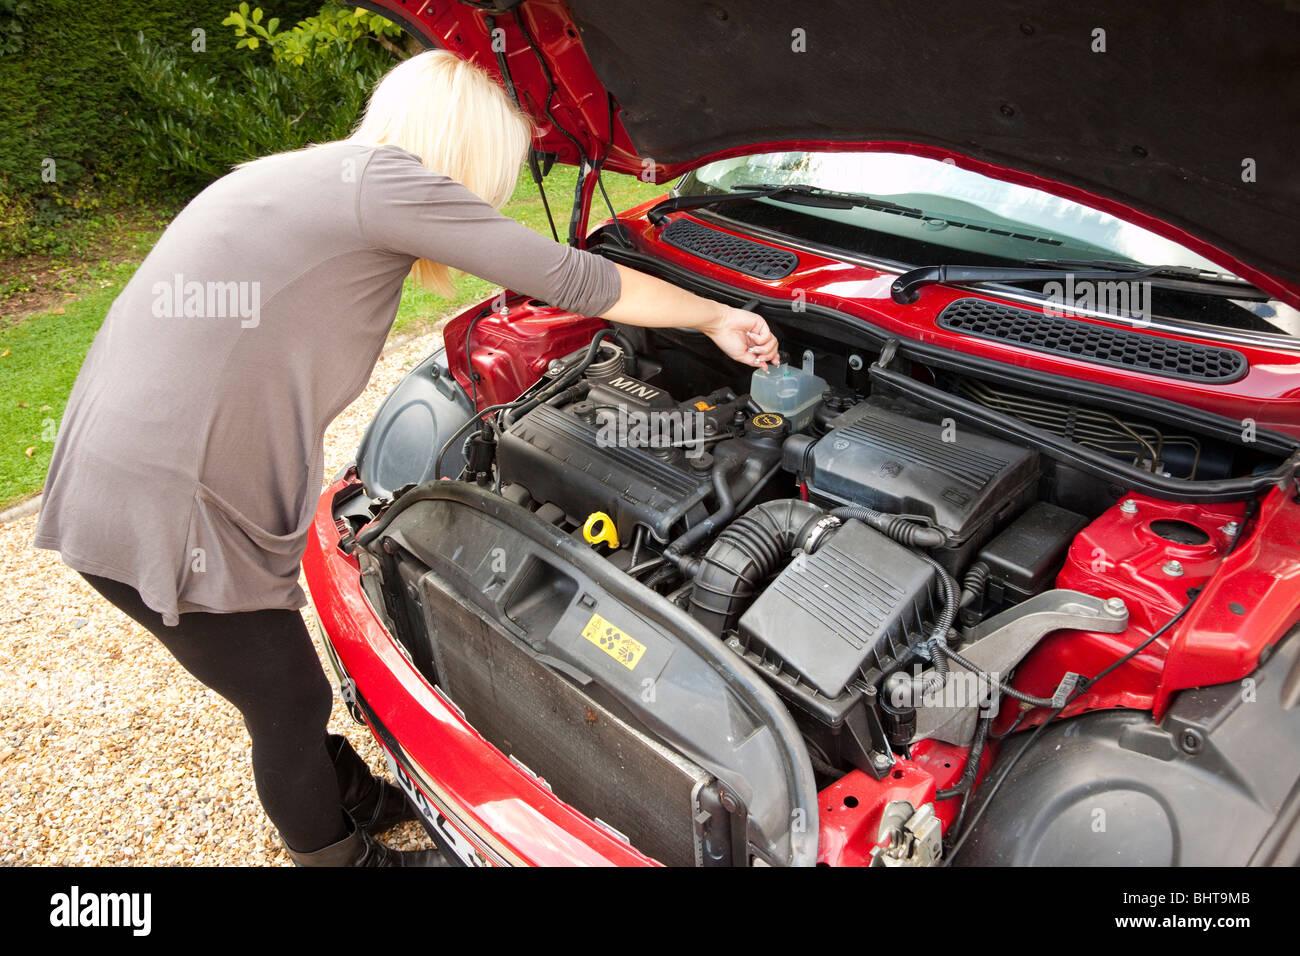 besorgt junge Frau, die Überprüfung der Automotor Stockfoto, Bild ...